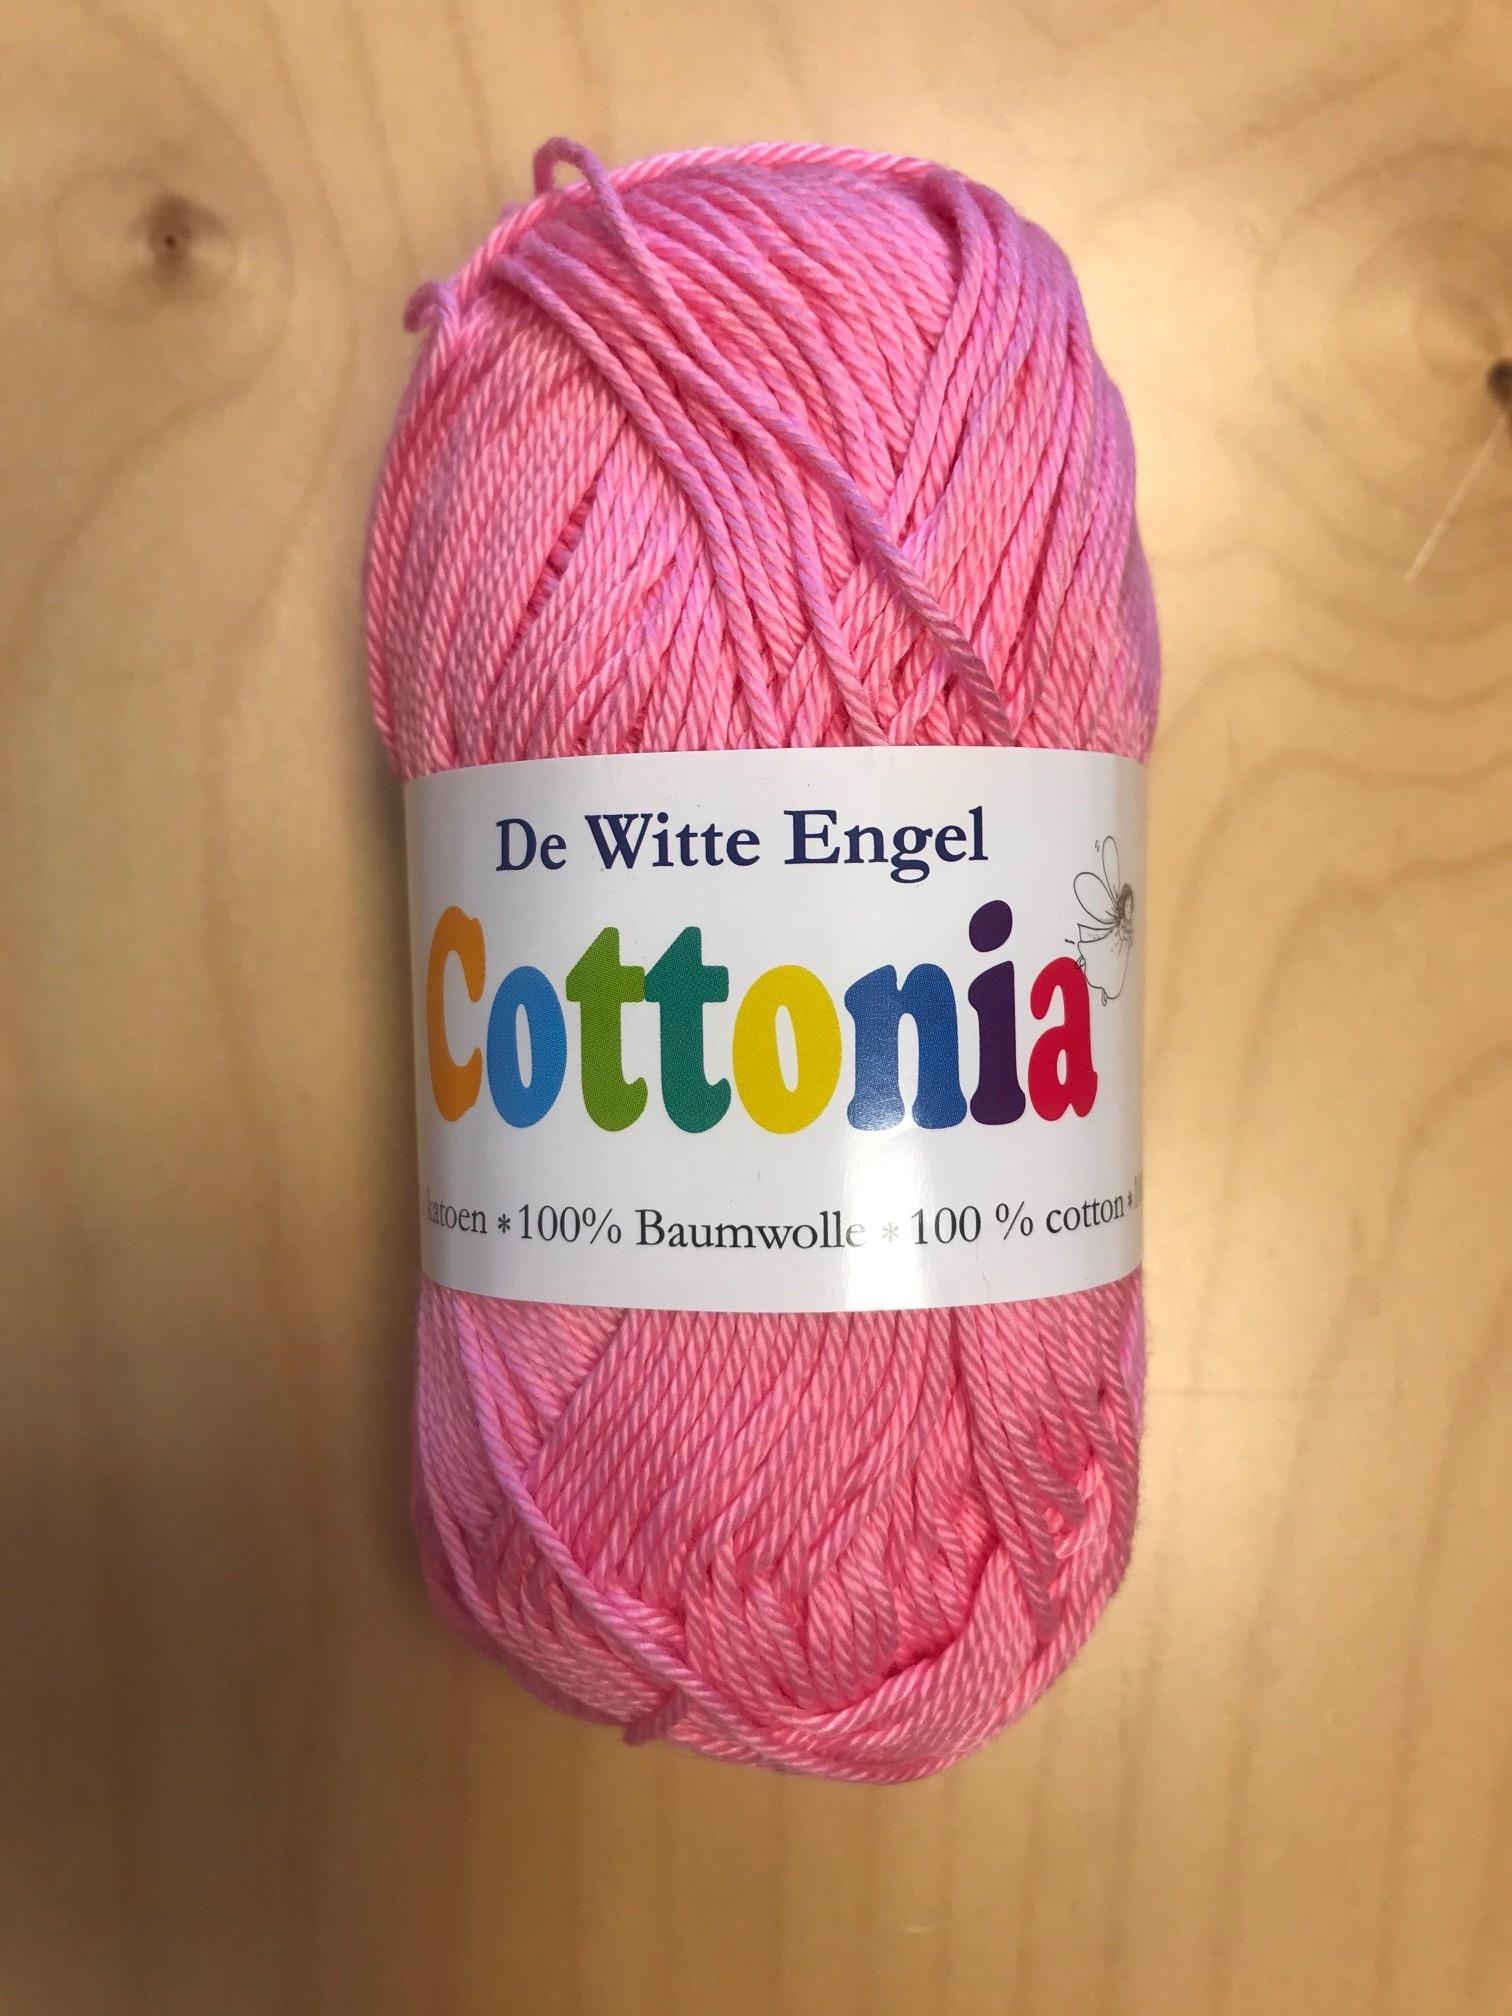 De Witte Engel De Witte Engel Cottonia brei- en haakkatoen -Roze 032